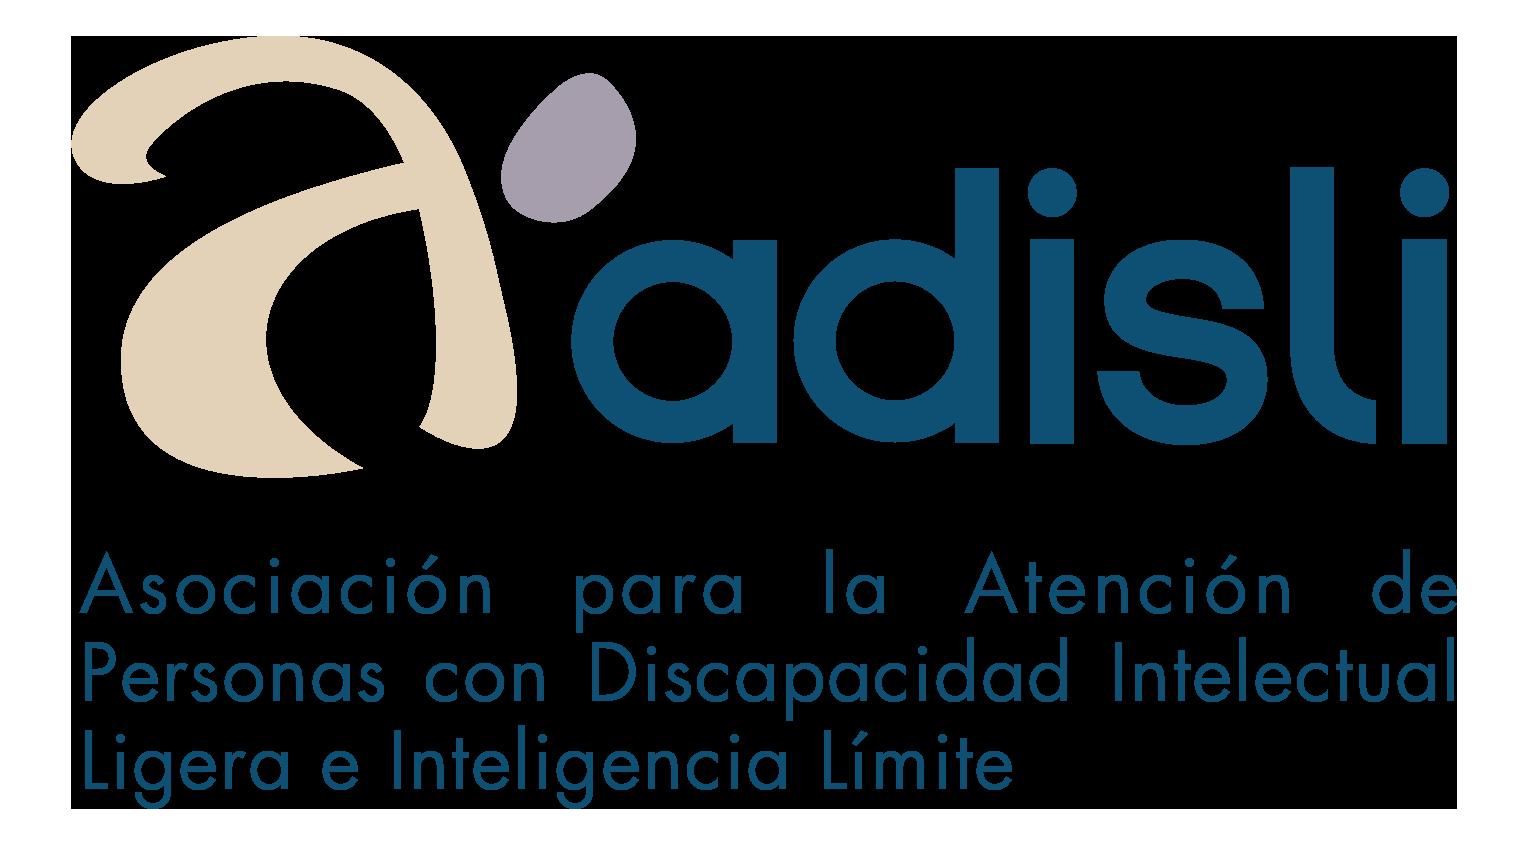 Asociación para la Atención de Personas con Discapacidad Intelectual Ligera e Inteligencia Límite (ADISLI)